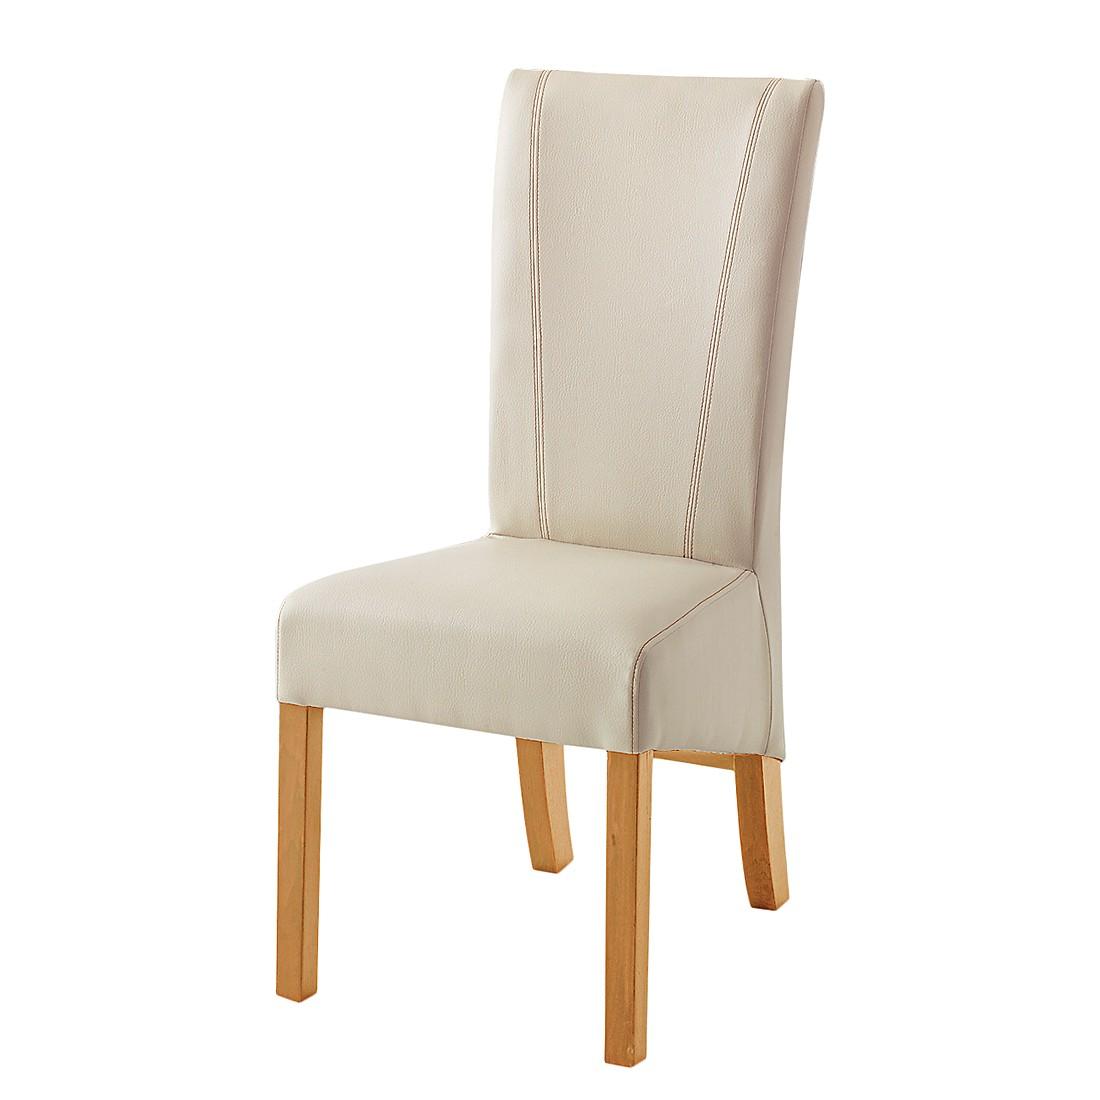 esszimmerstuhl karlsborg 2er set kunstleder beige. Black Bedroom Furniture Sets. Home Design Ideas